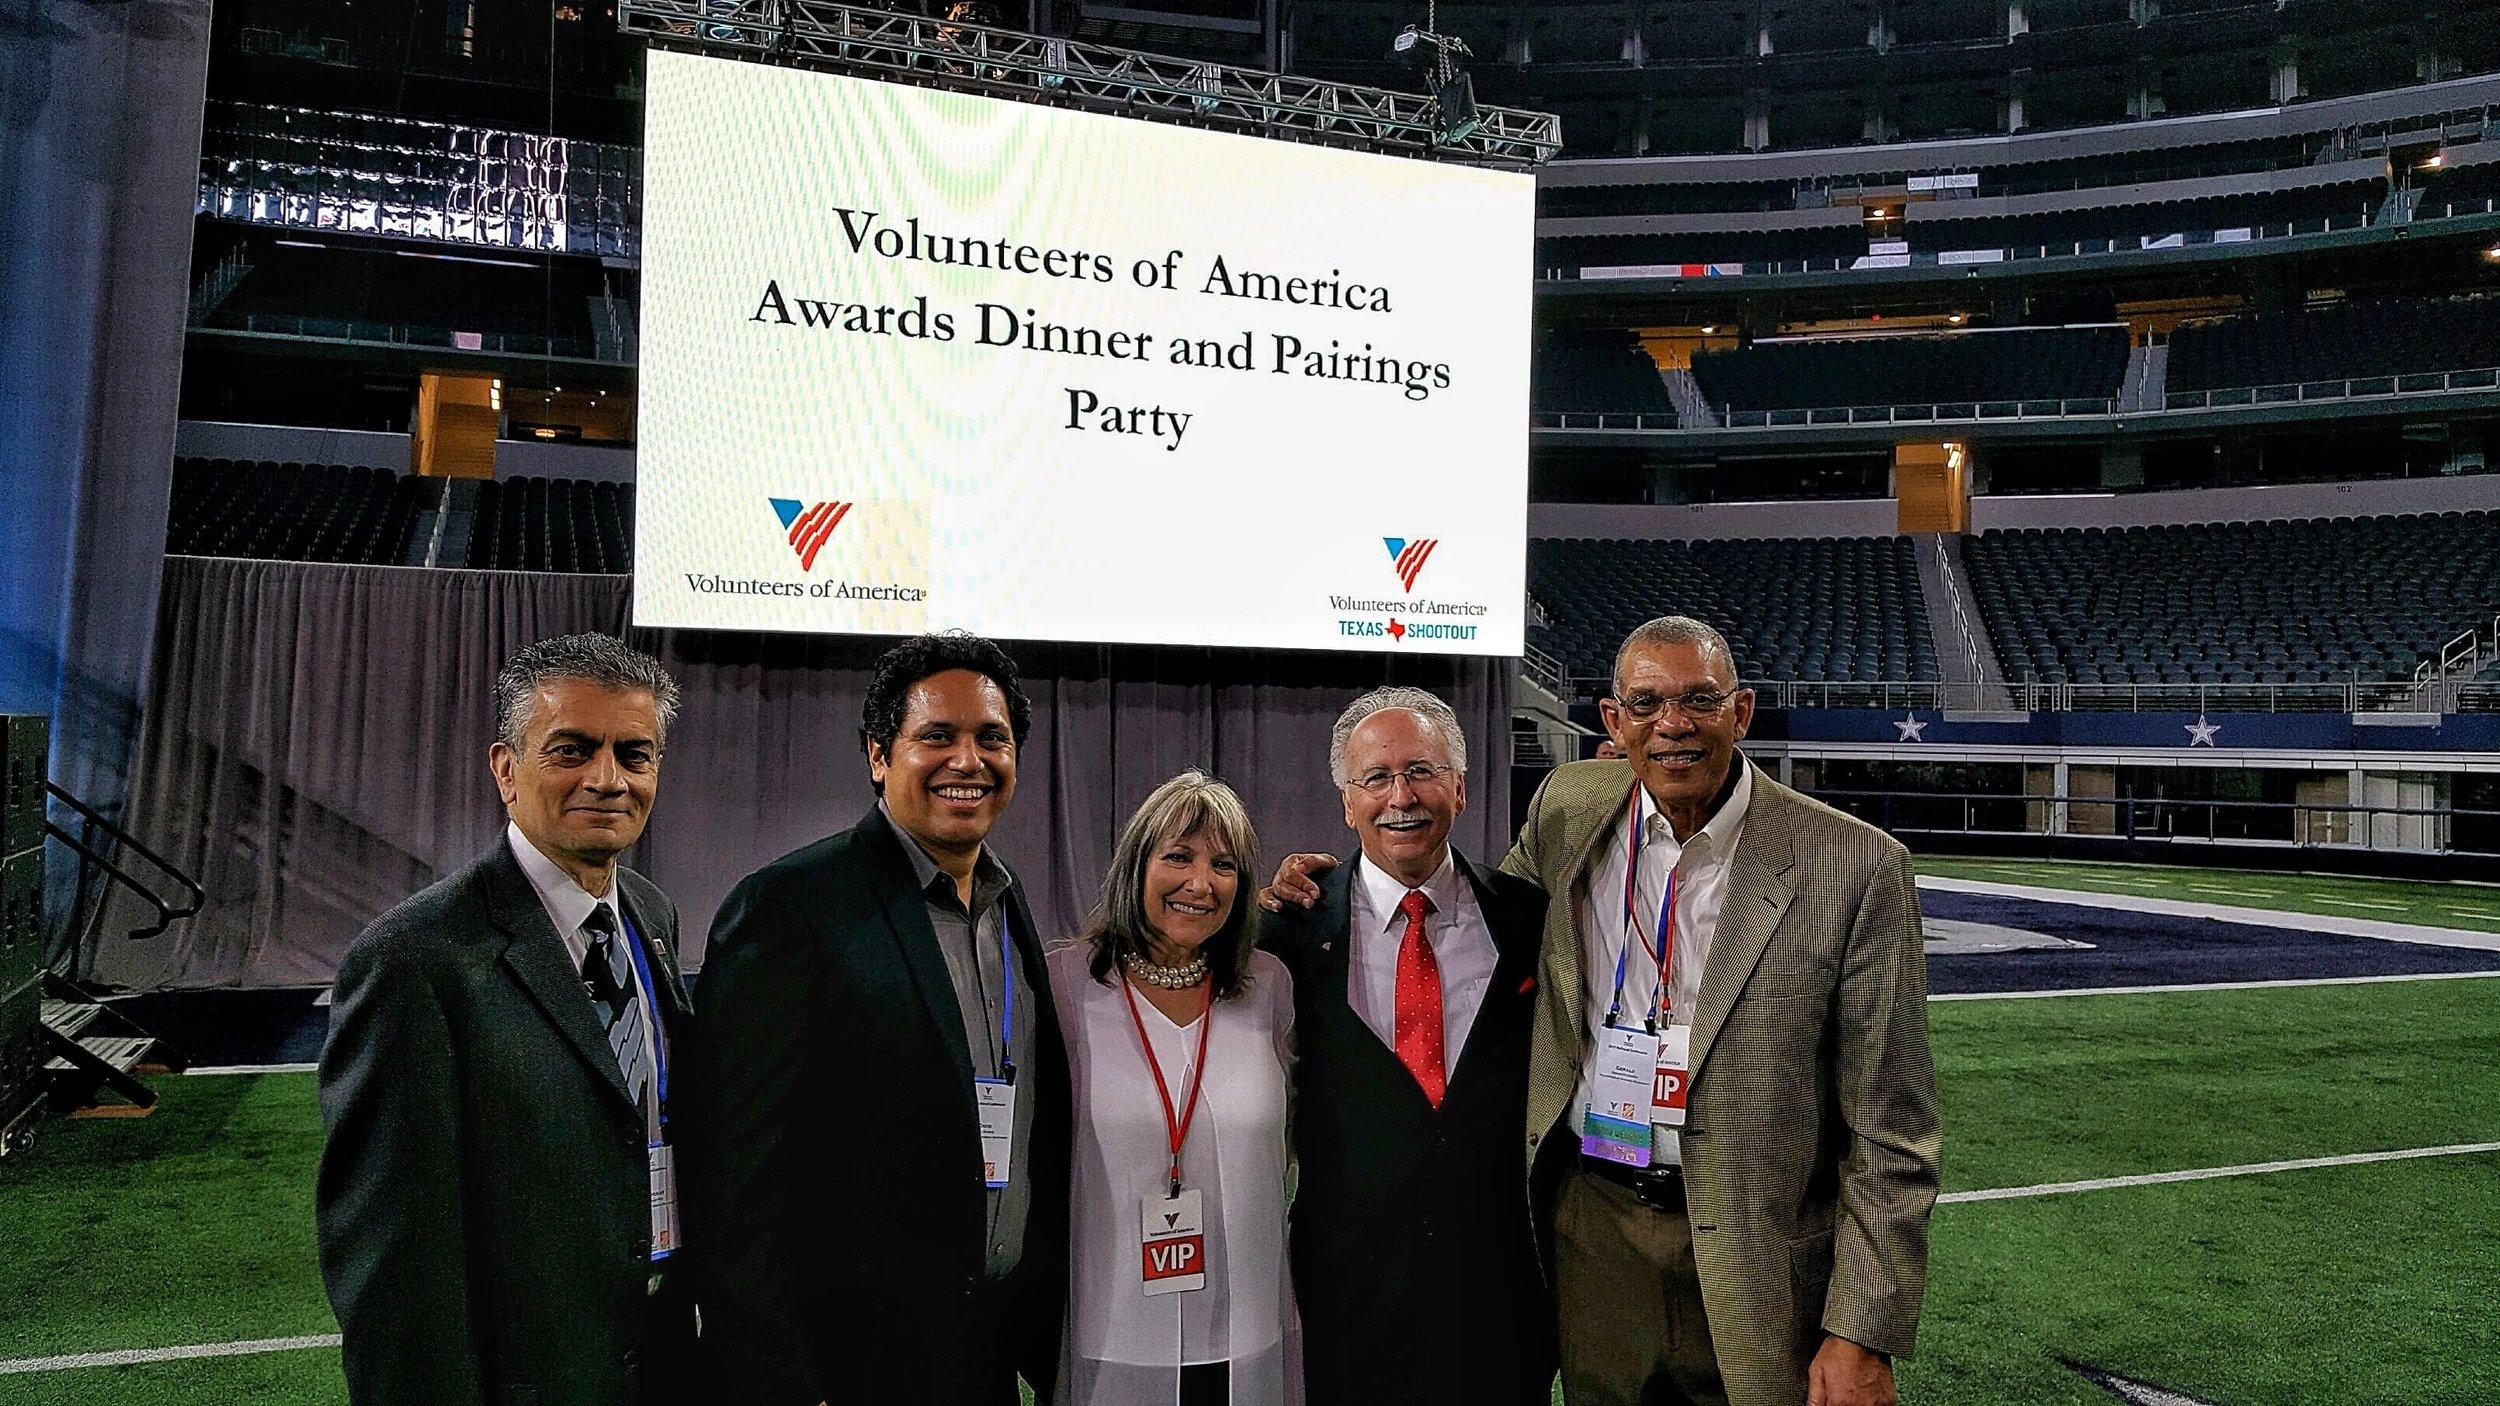 Volunteers of America Pairings Party 2017